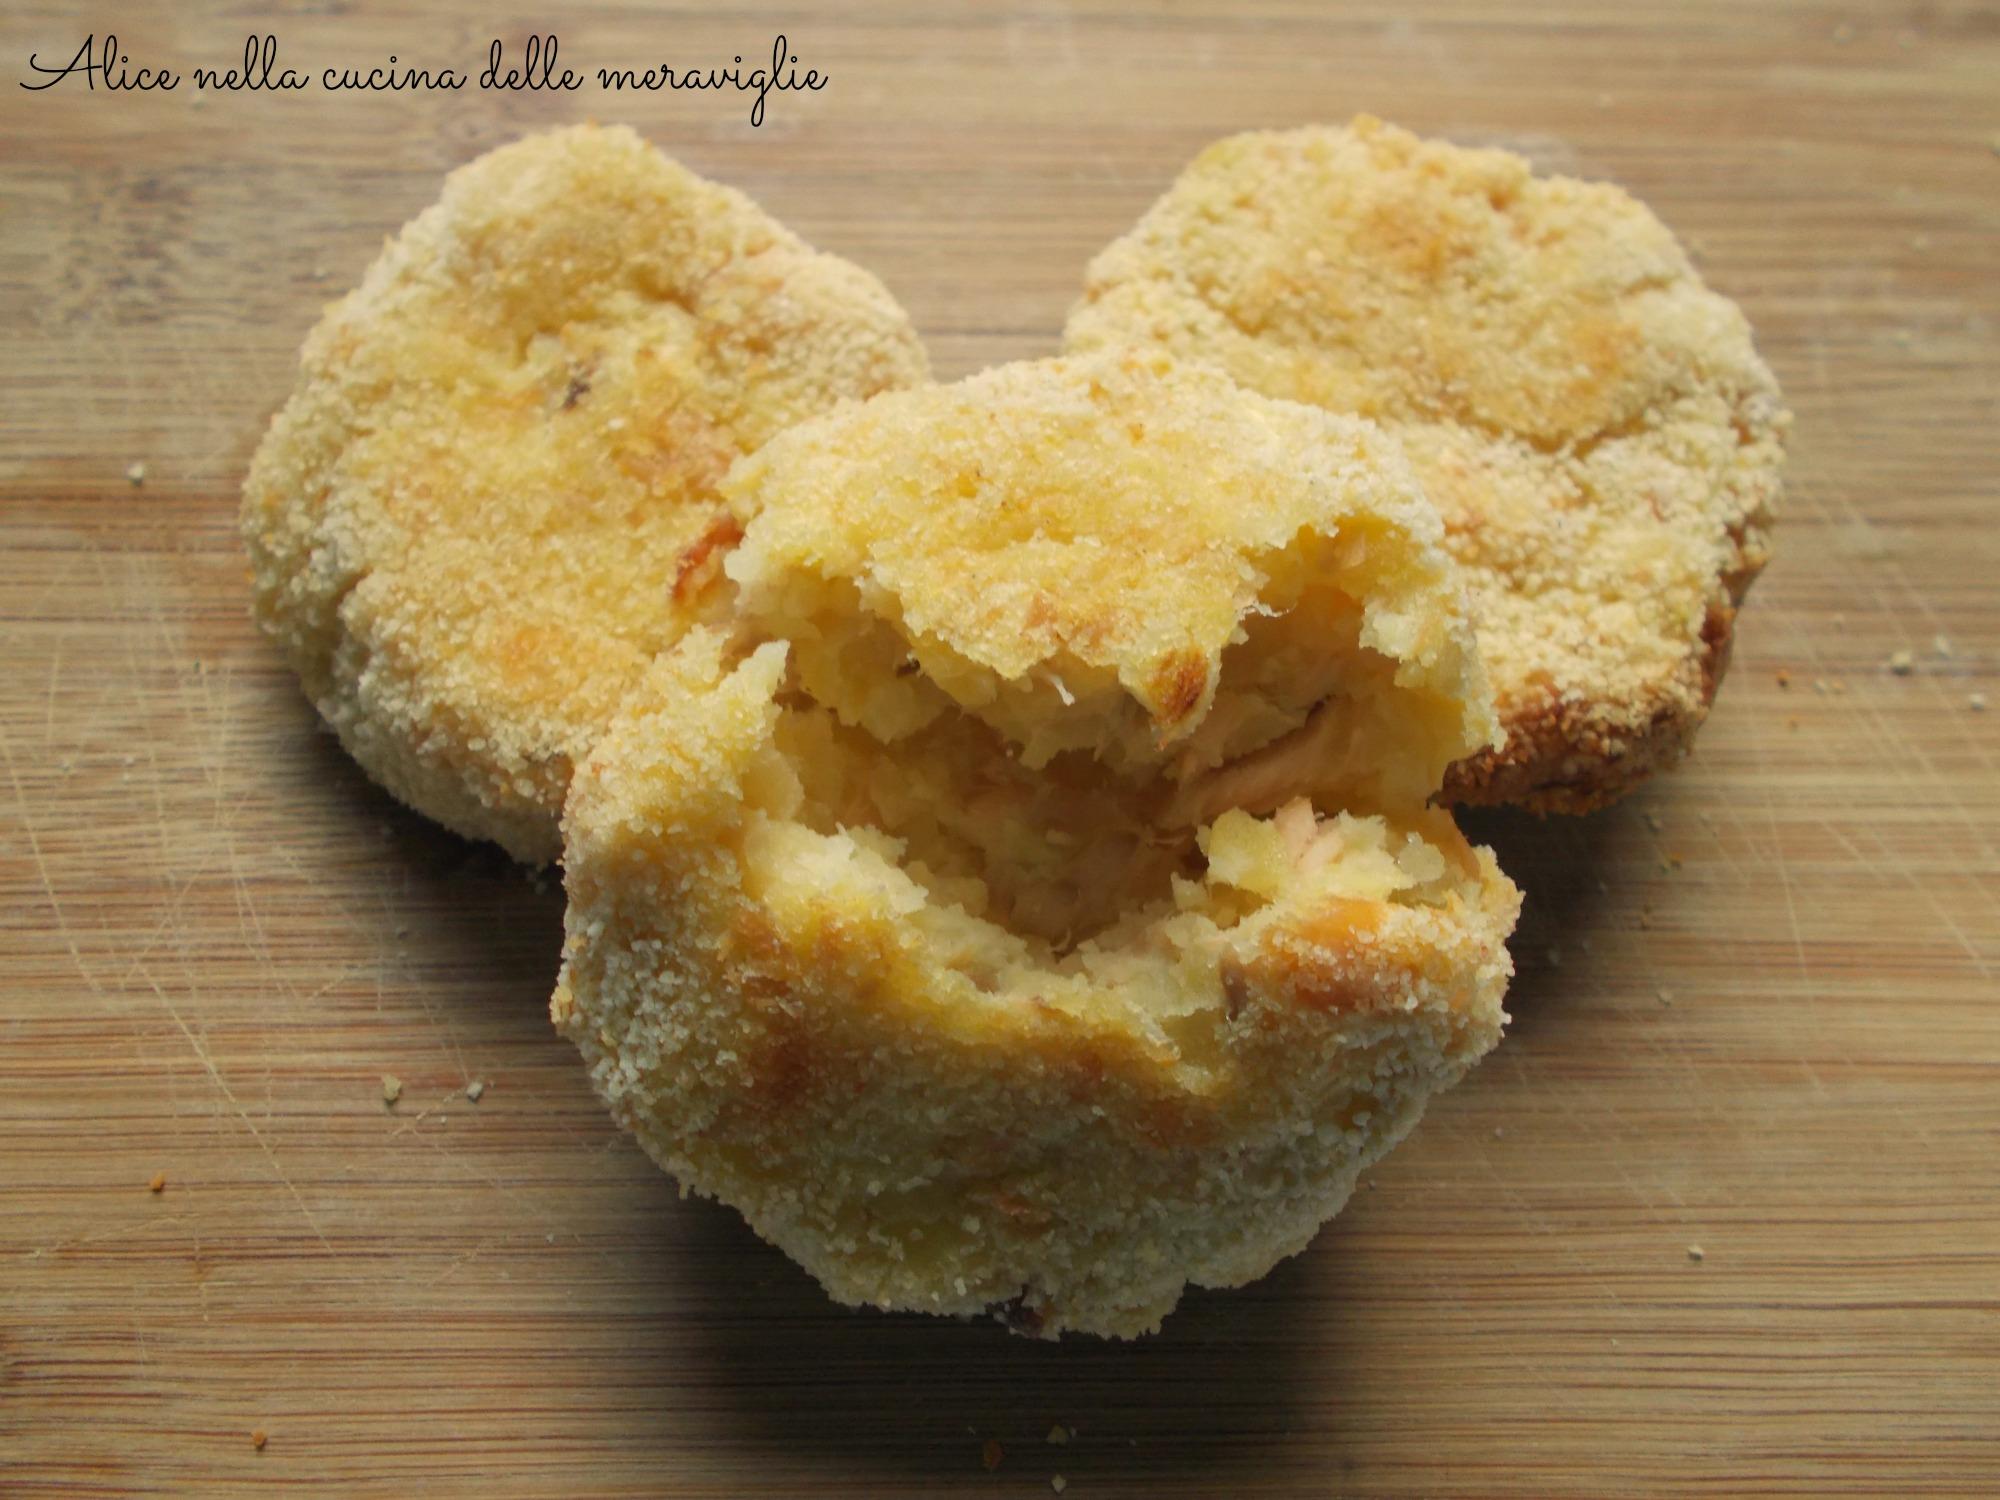 Potato and Salmon Croquettes | Alice nella cucina delle meraviglie